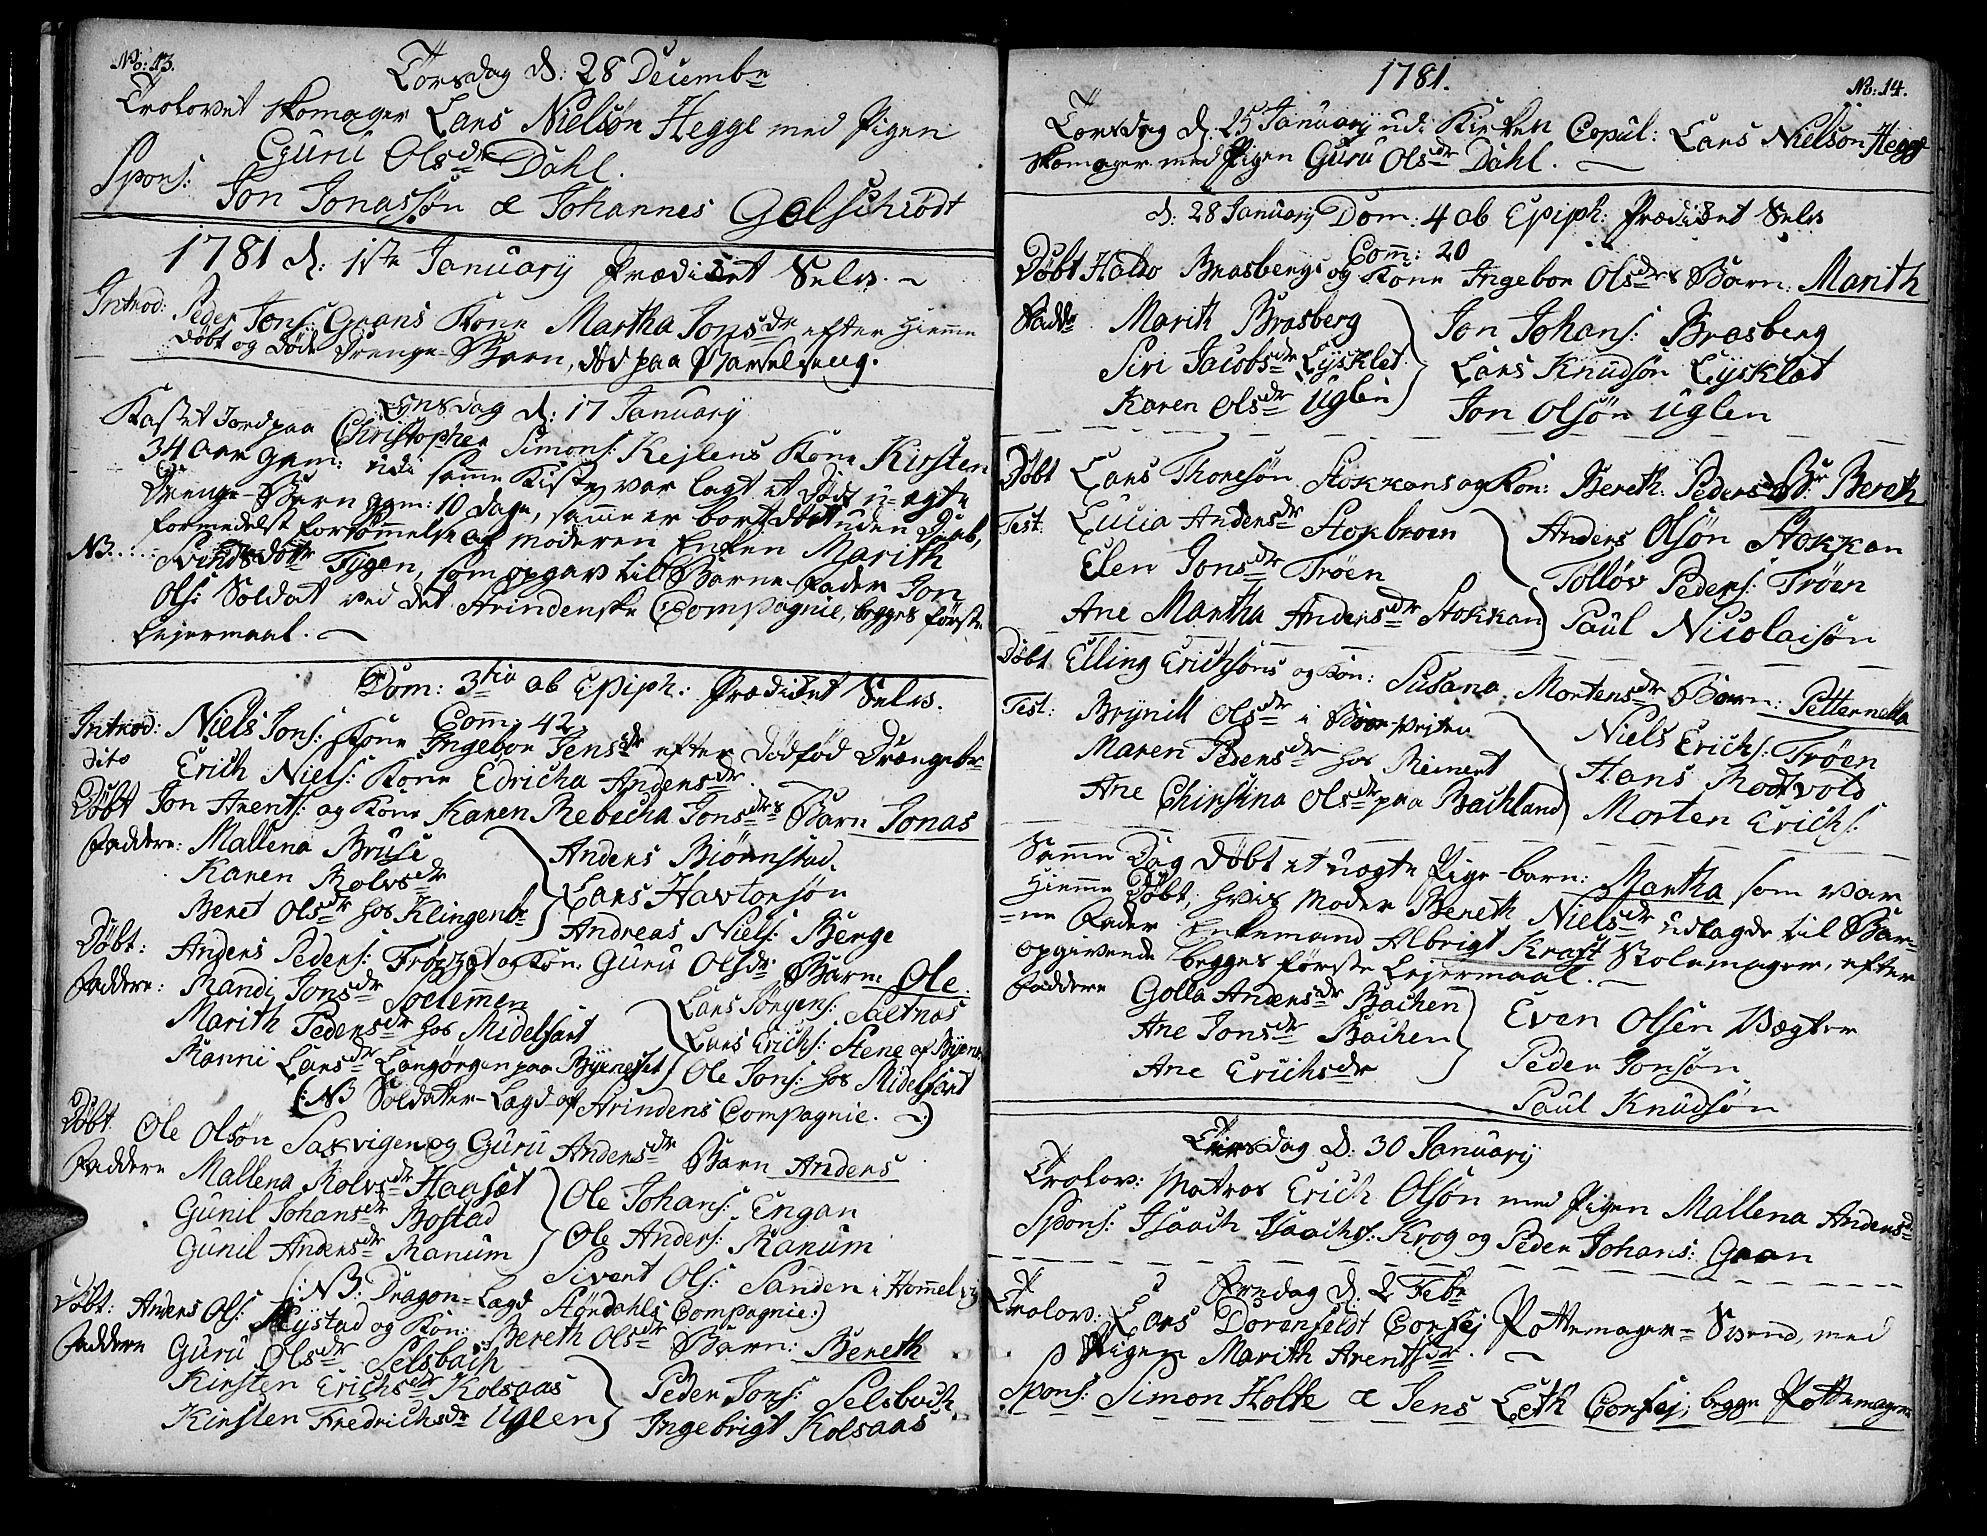 SAT, Ministerialprotokoller, klokkerbøker og fødselsregistre - Sør-Trøndelag, 604/L0180: Ministerialbok nr. 604A01, 1780-1797, s. 13-14